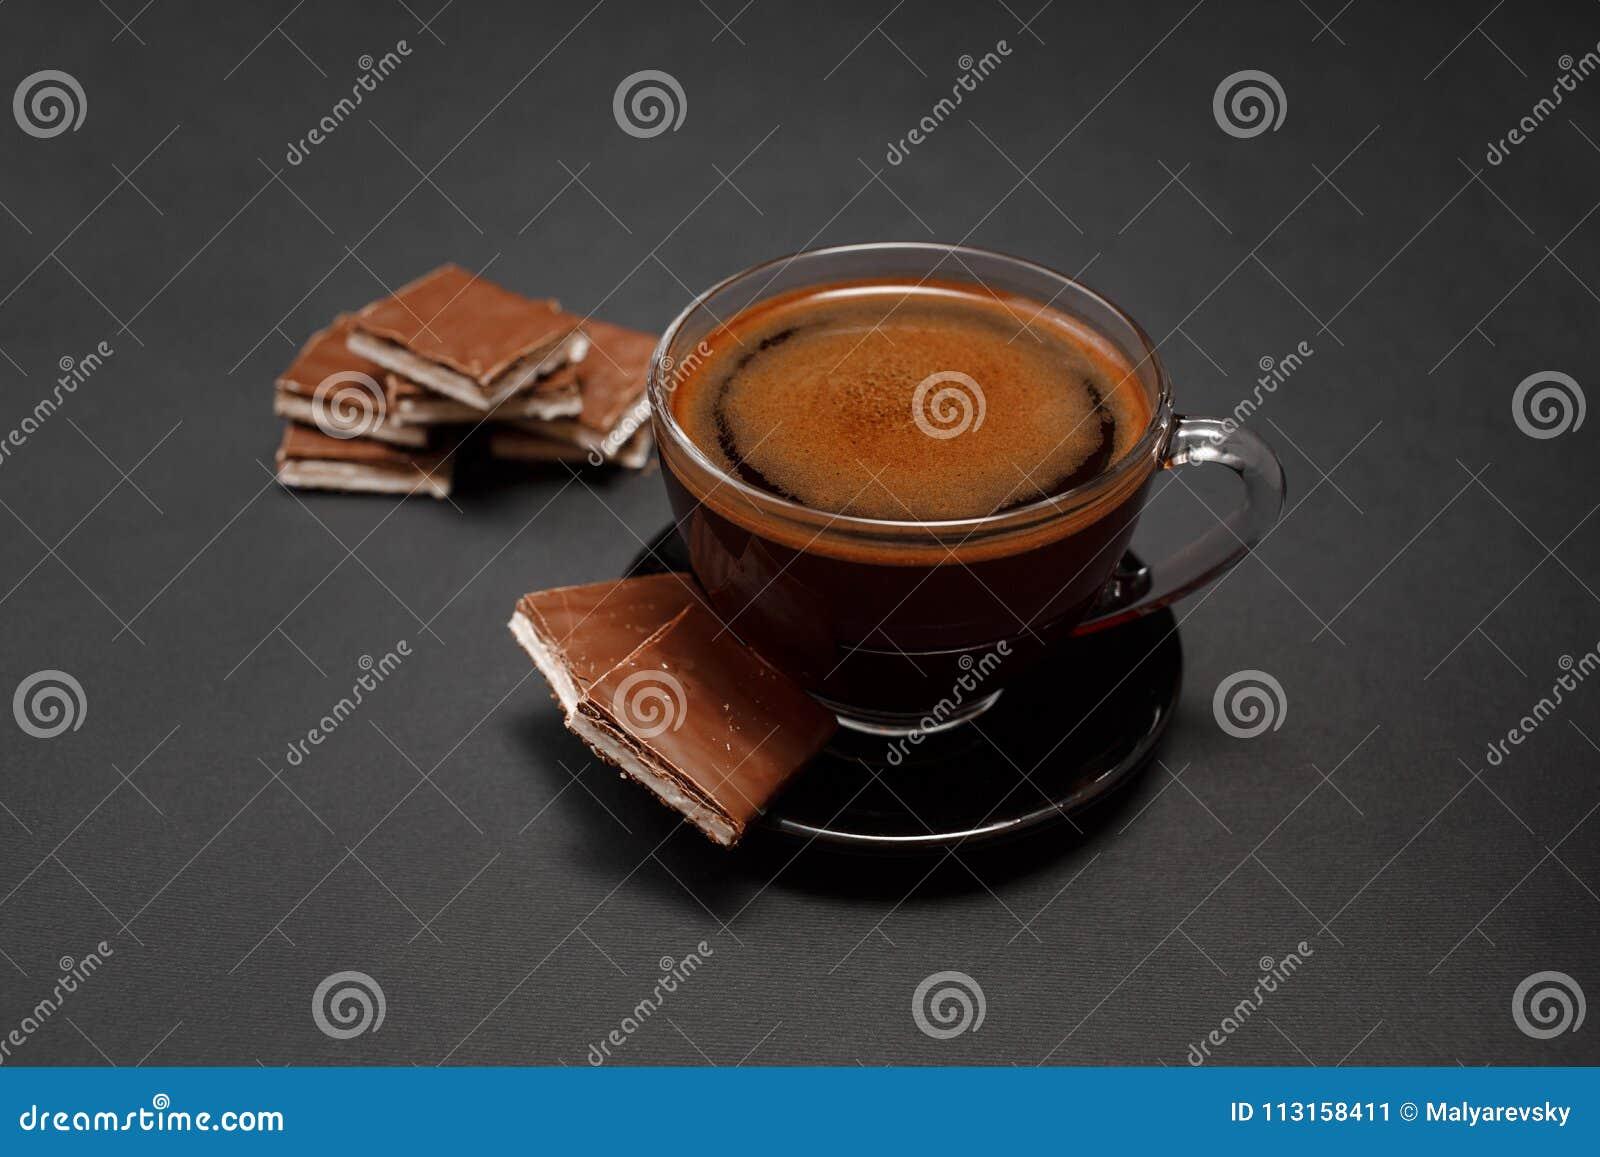 Zwarte, natuurlijke, geurige koffie in de transparante kop op een zwarte achtergrond, met melkchocola